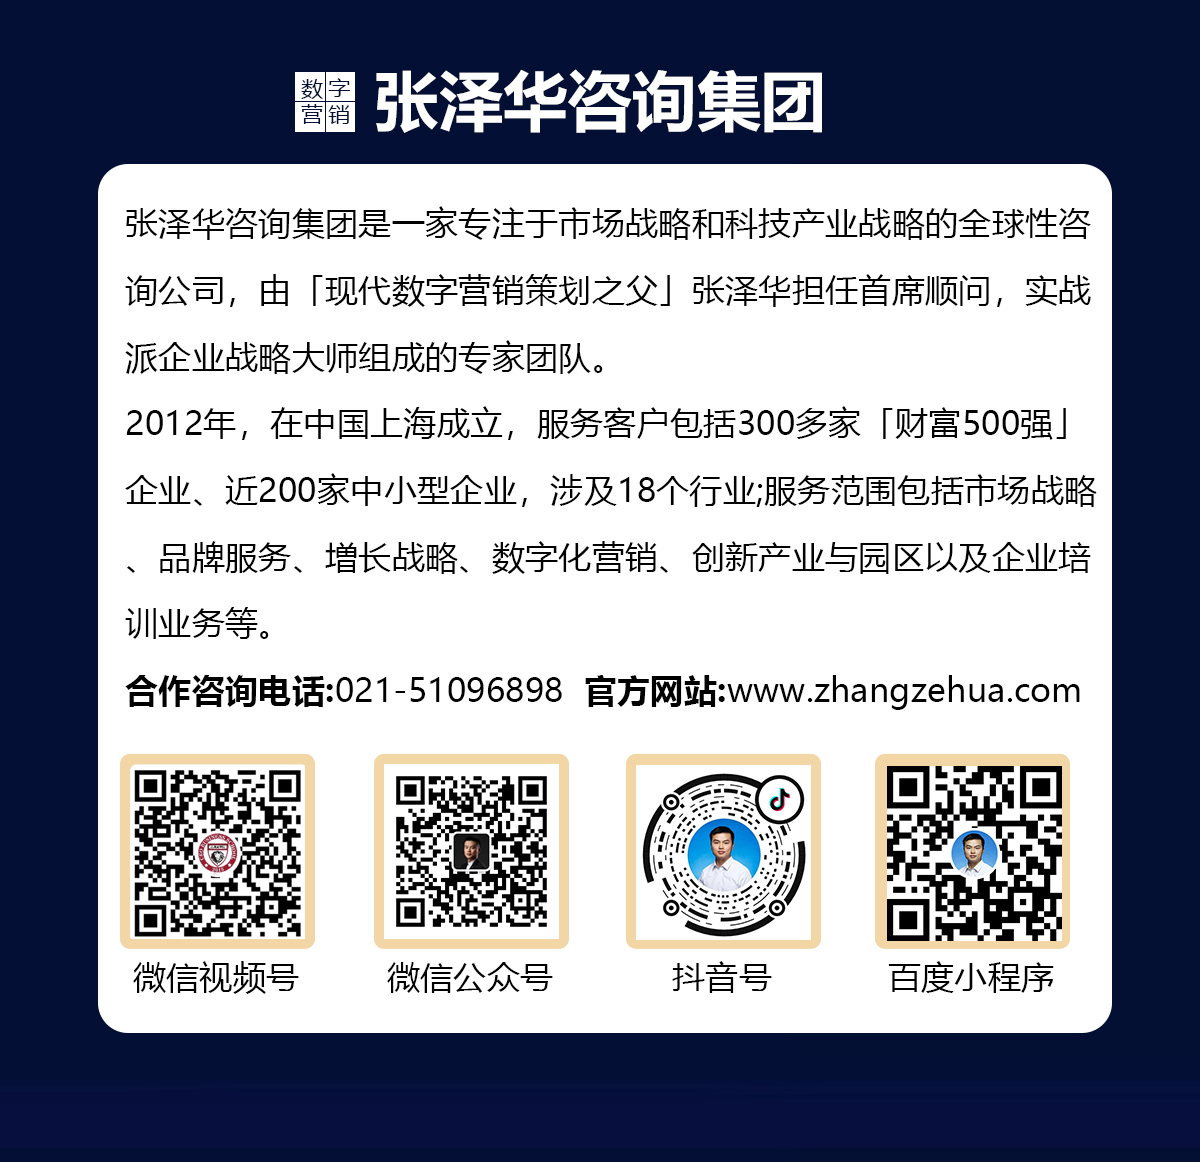 张泽华营销咨询